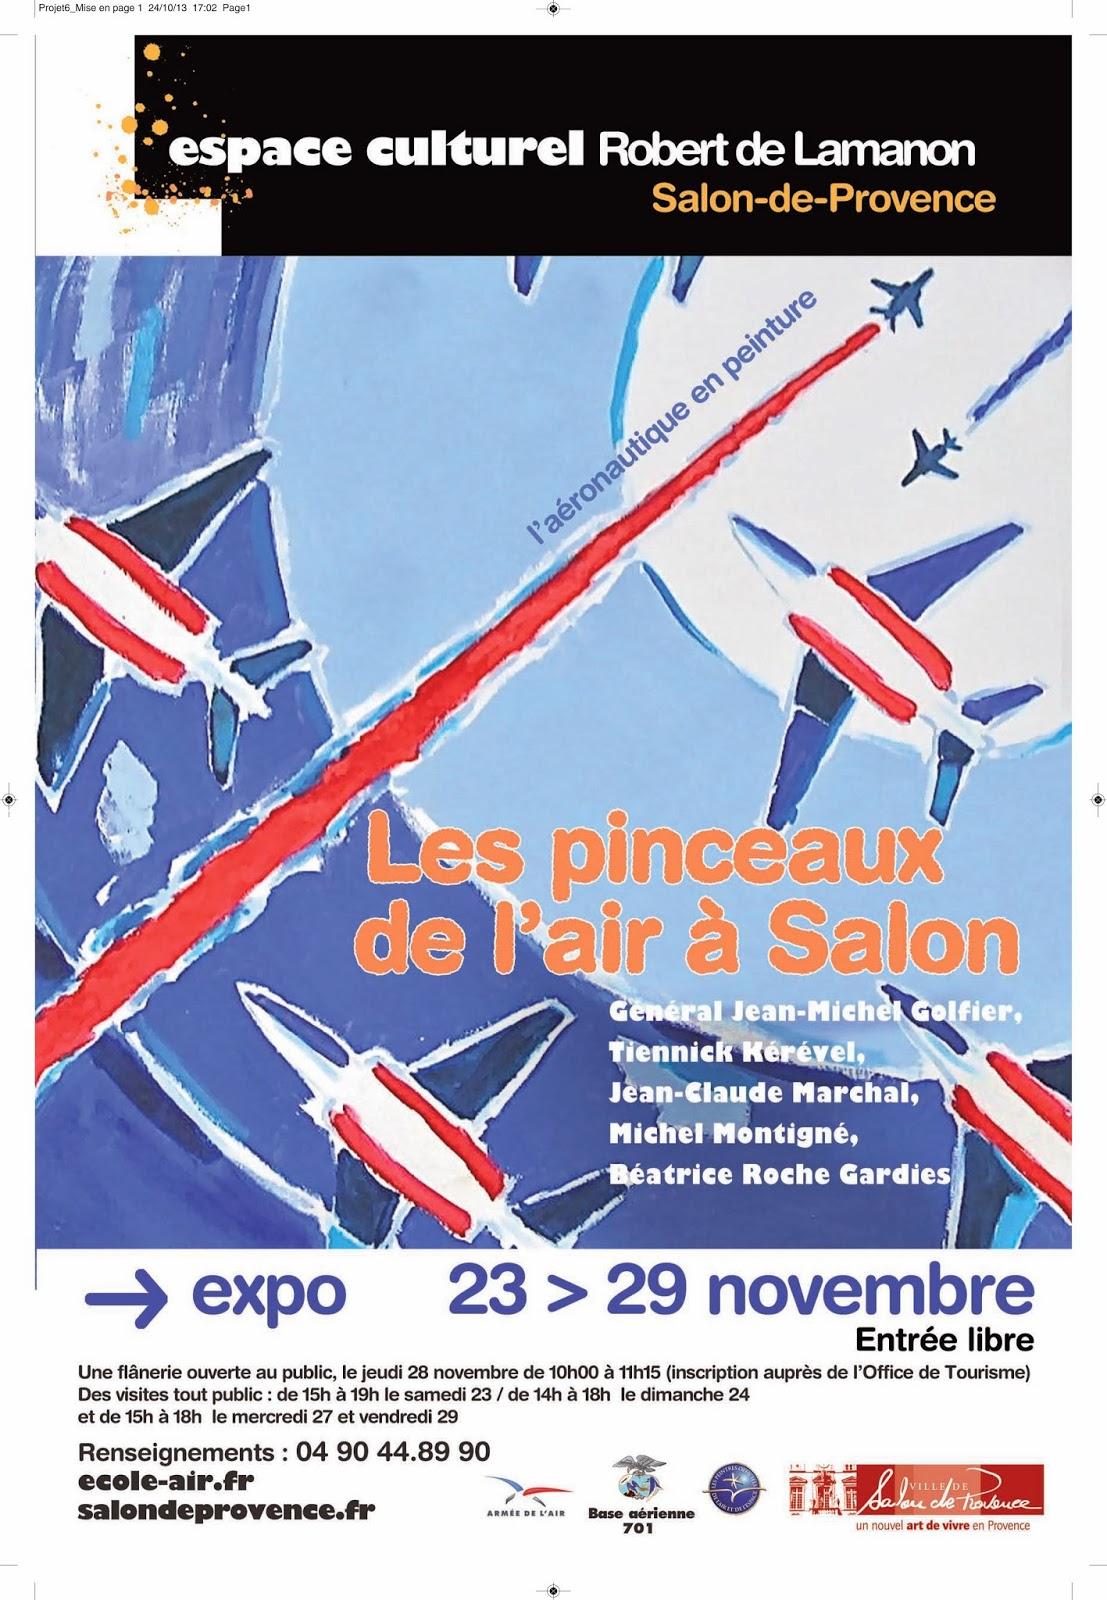 http://ecole-air.fr/2013/11/exposition-peintres-de-lair-du-23-au-29-novembre/